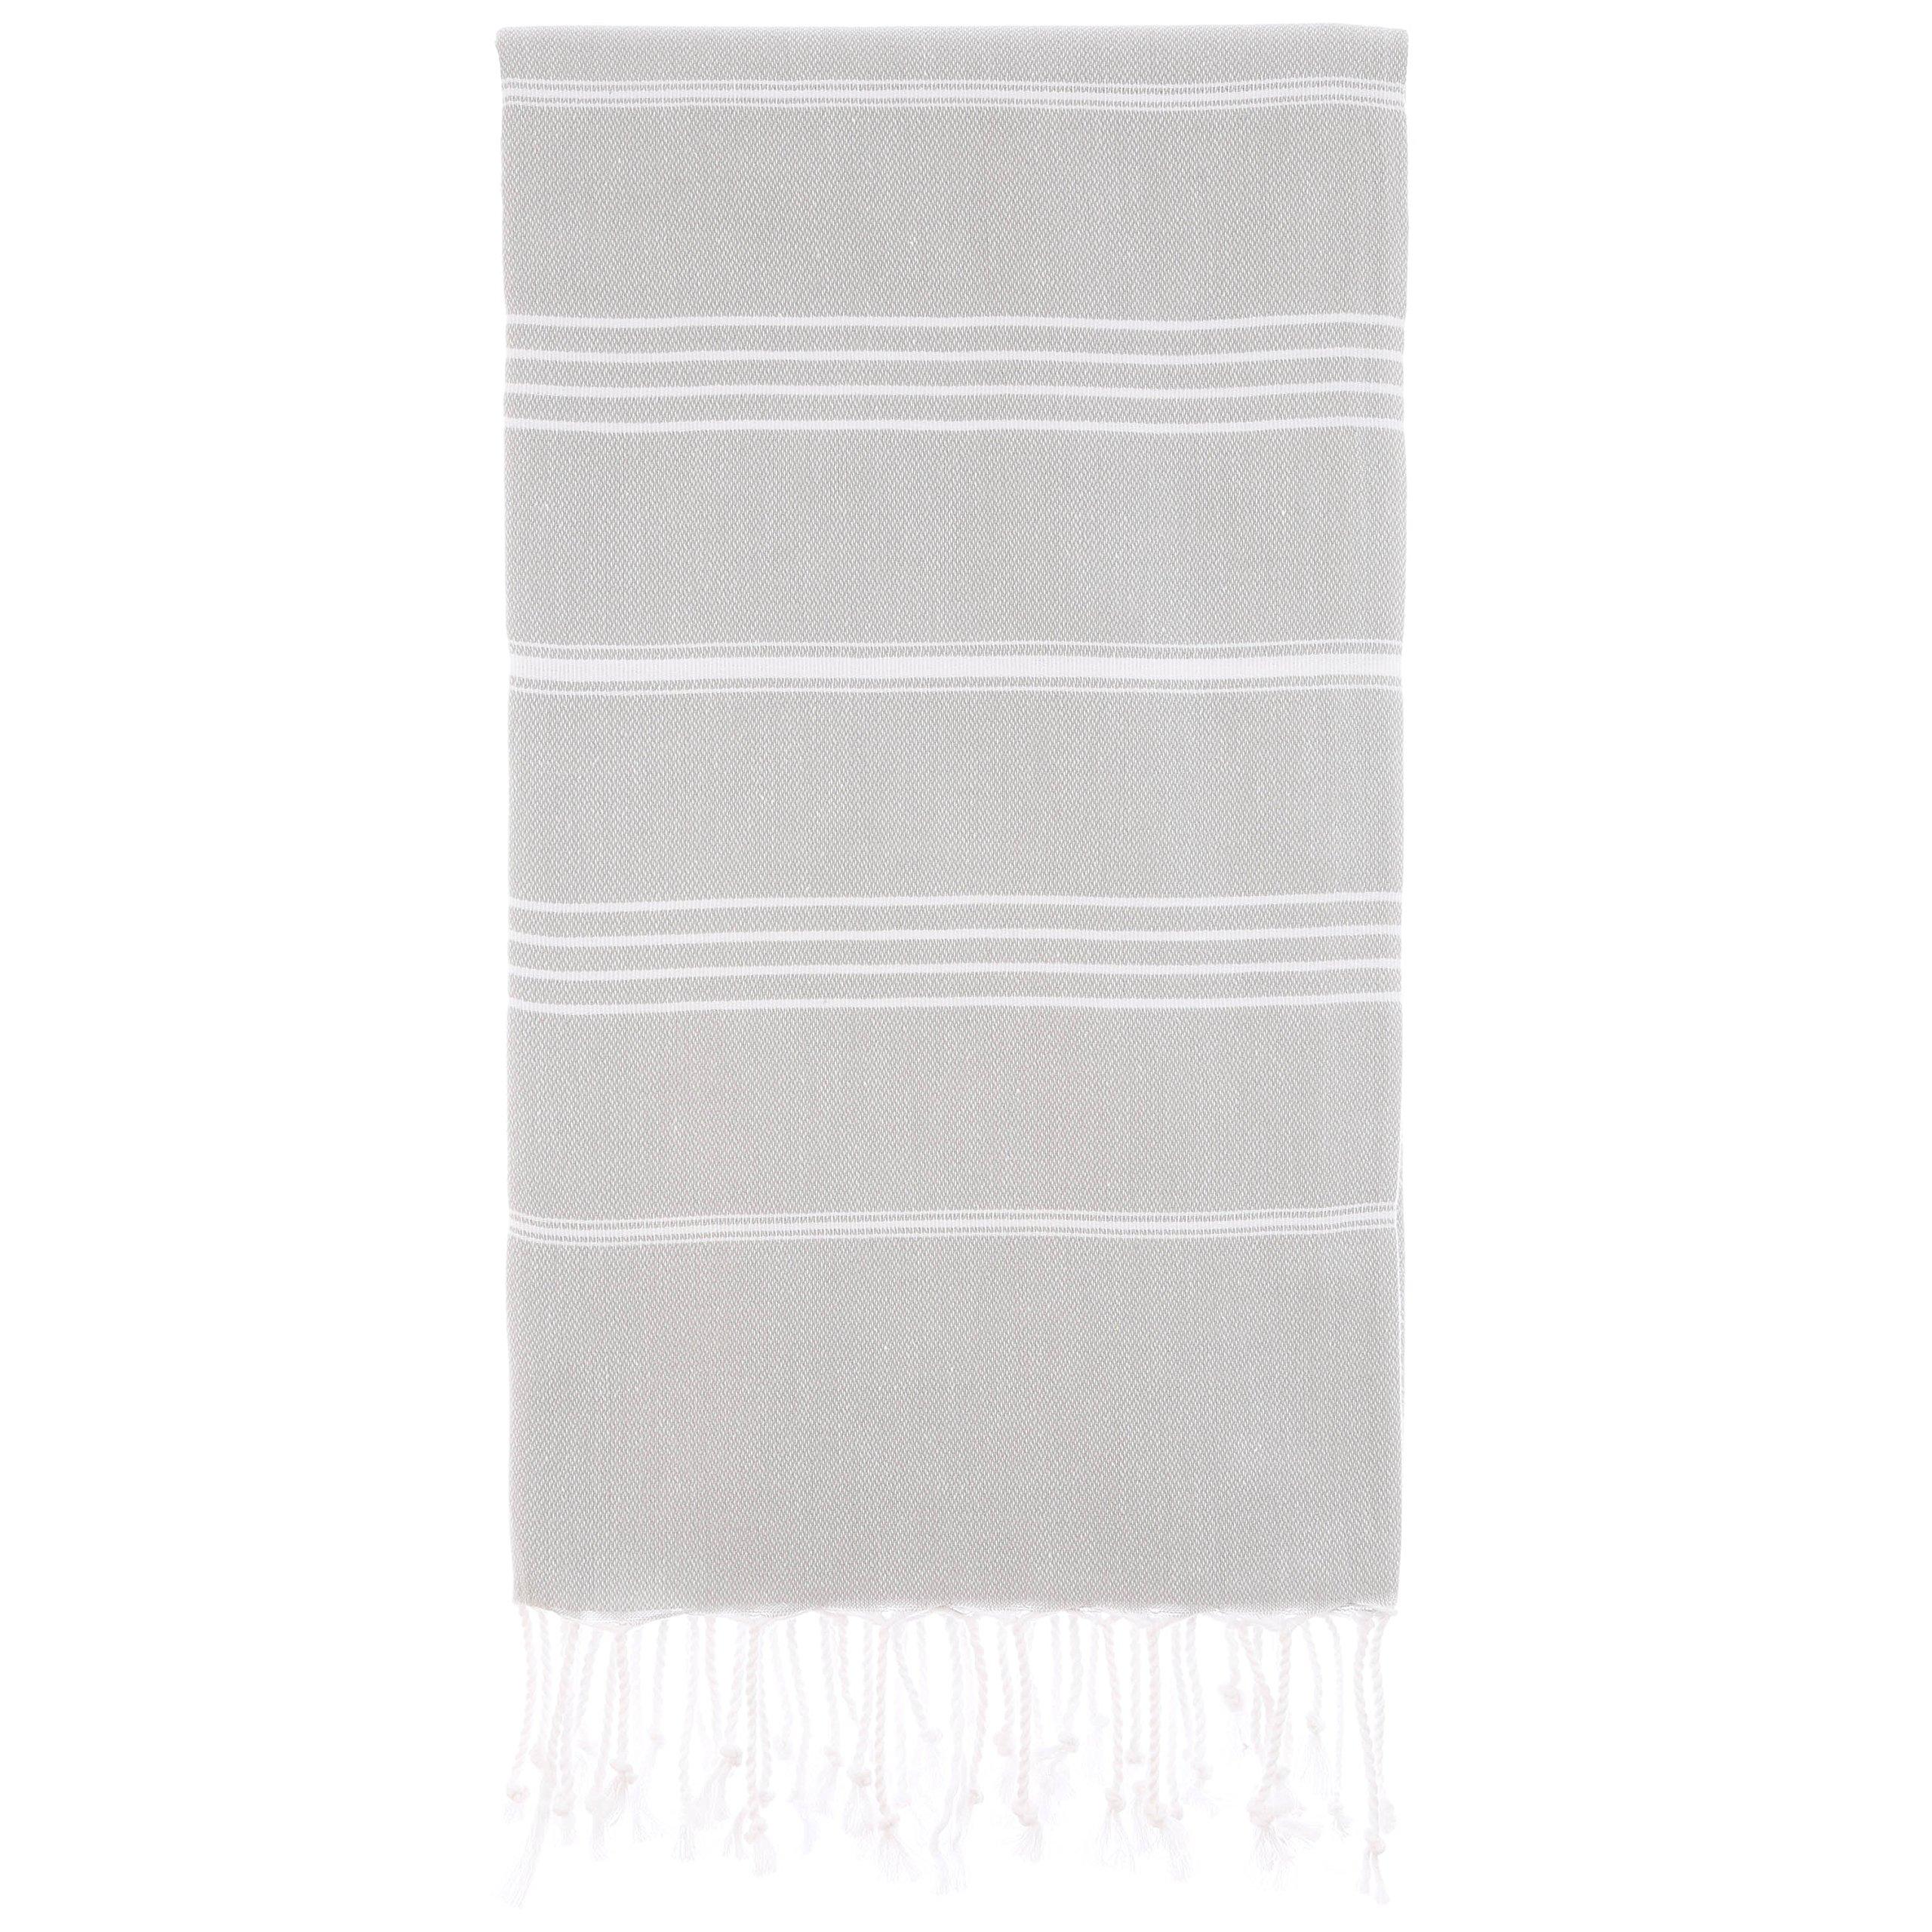 Cacala Toallas de baño Turco de Serie, algodón, Plateado, 95 x 175 x 0.5 cm product image